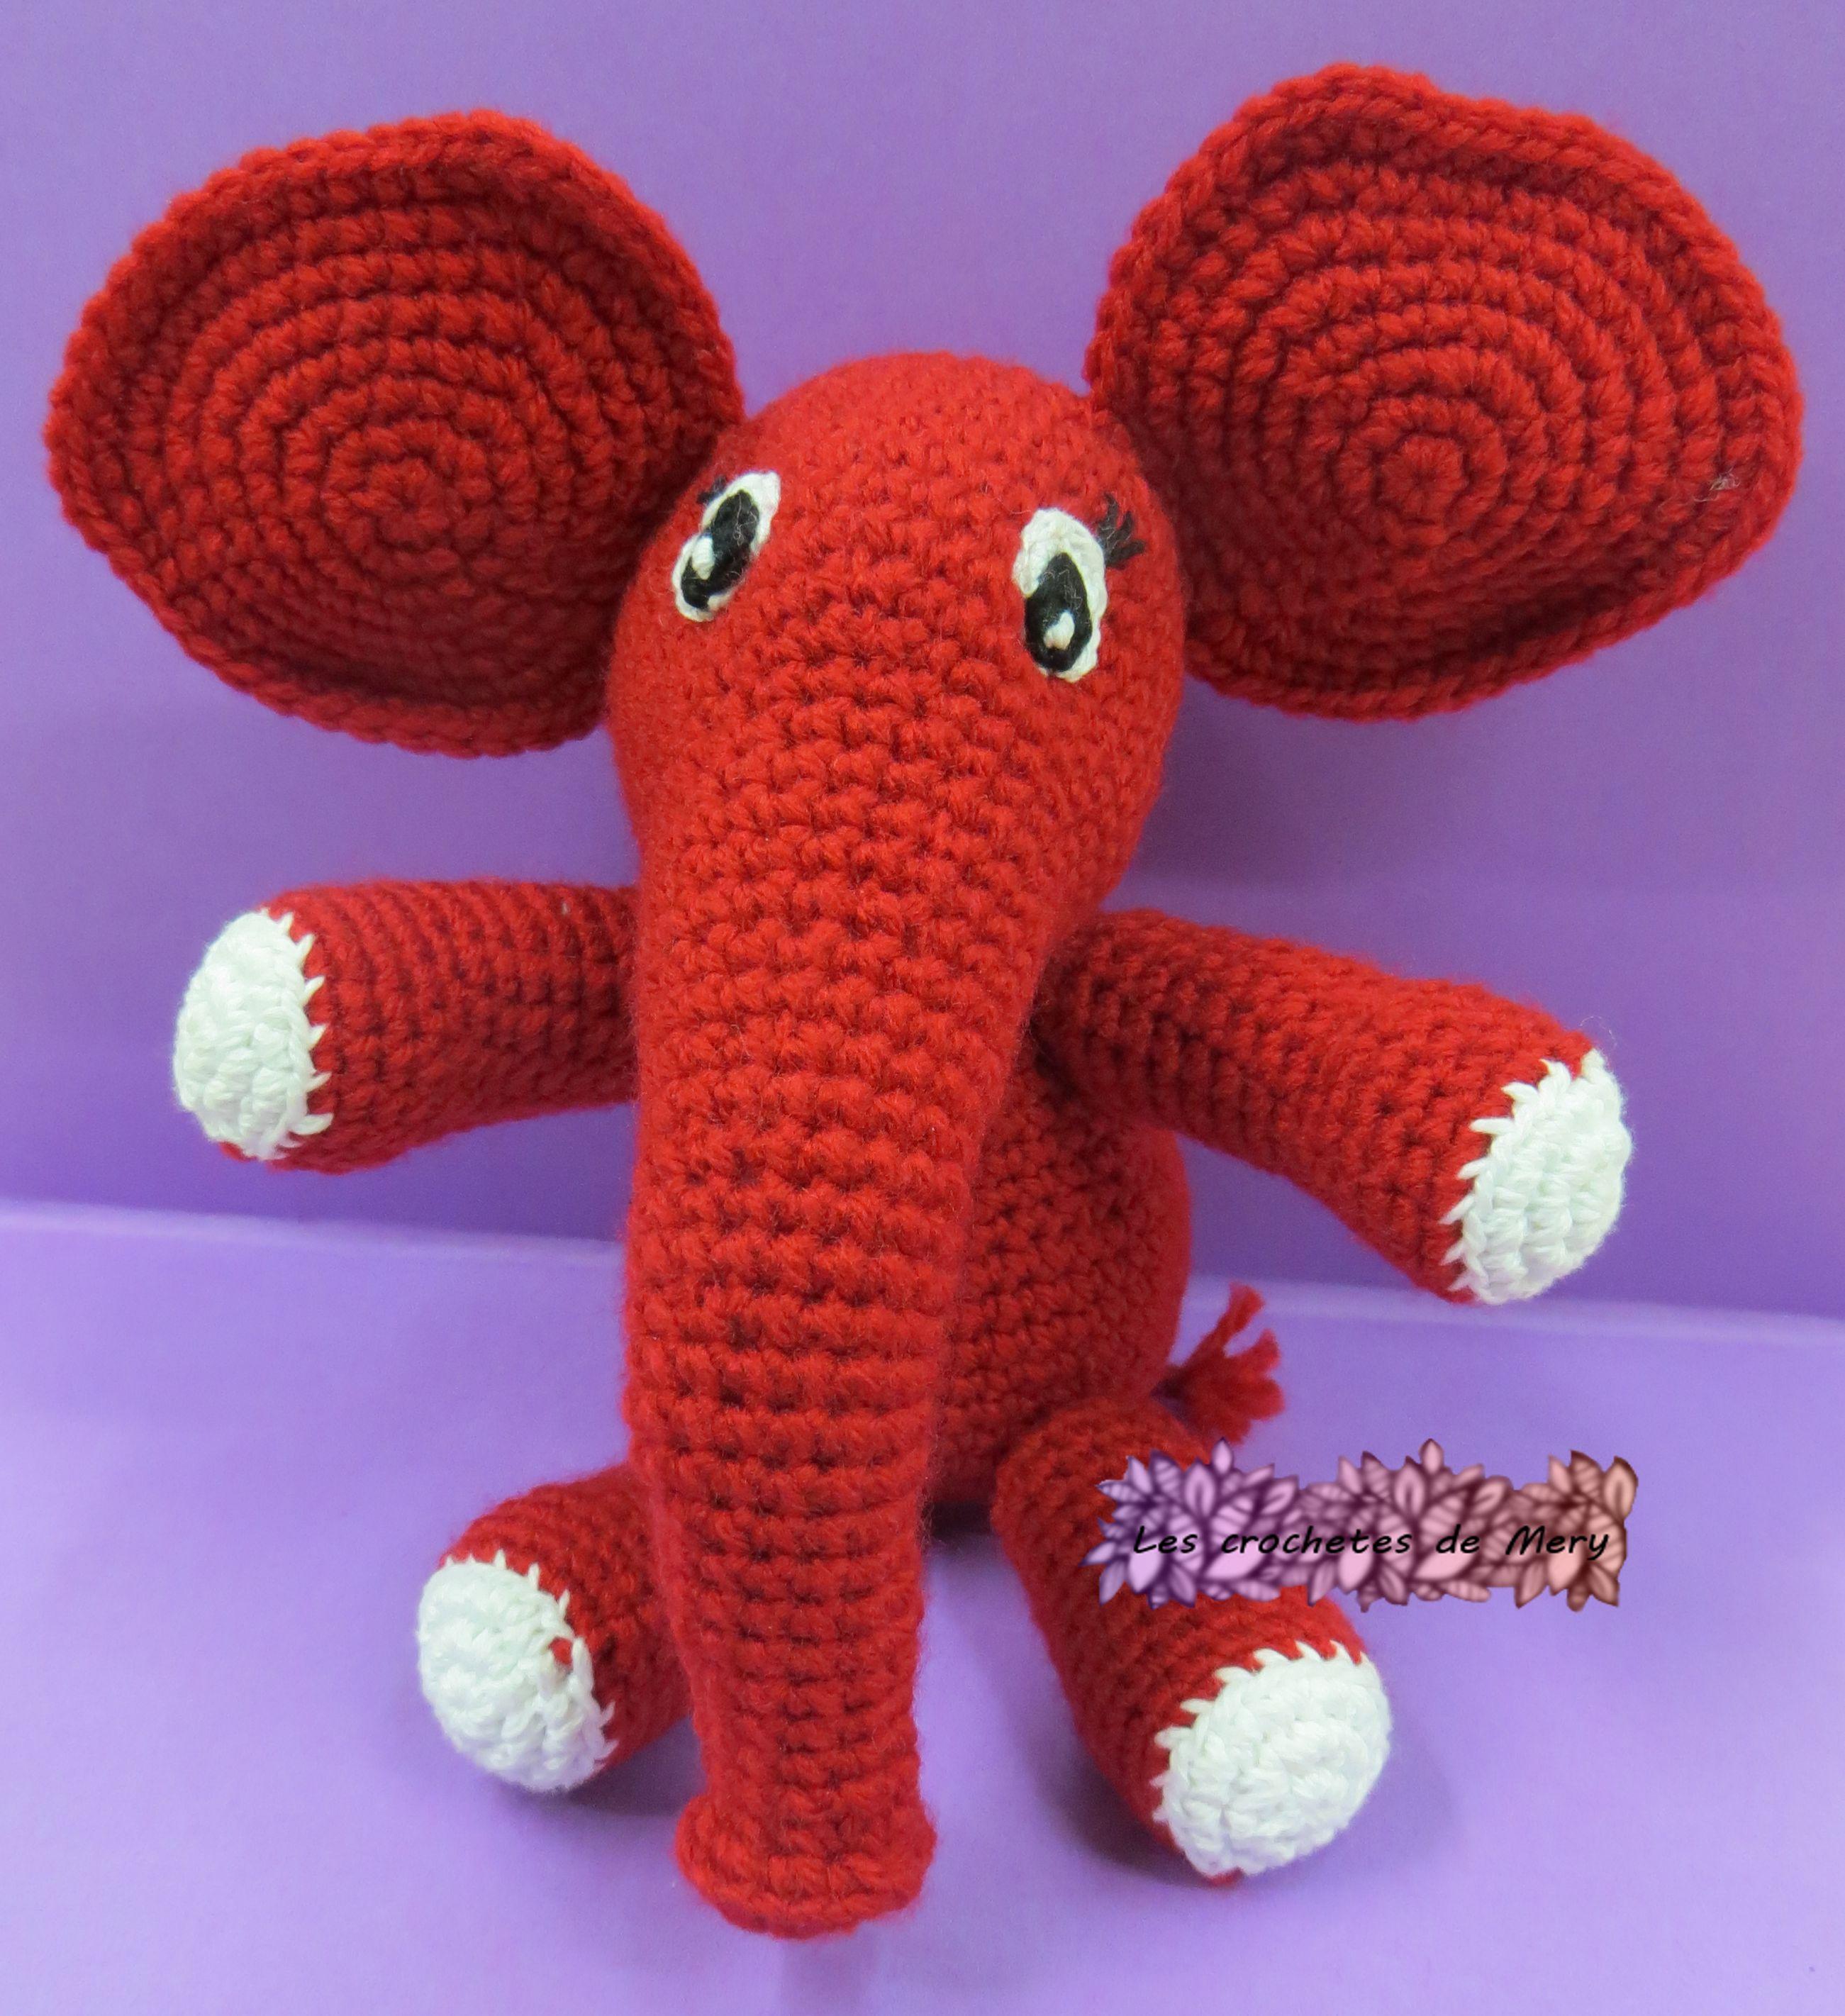 Elefante bebe (amigurumi) rojo